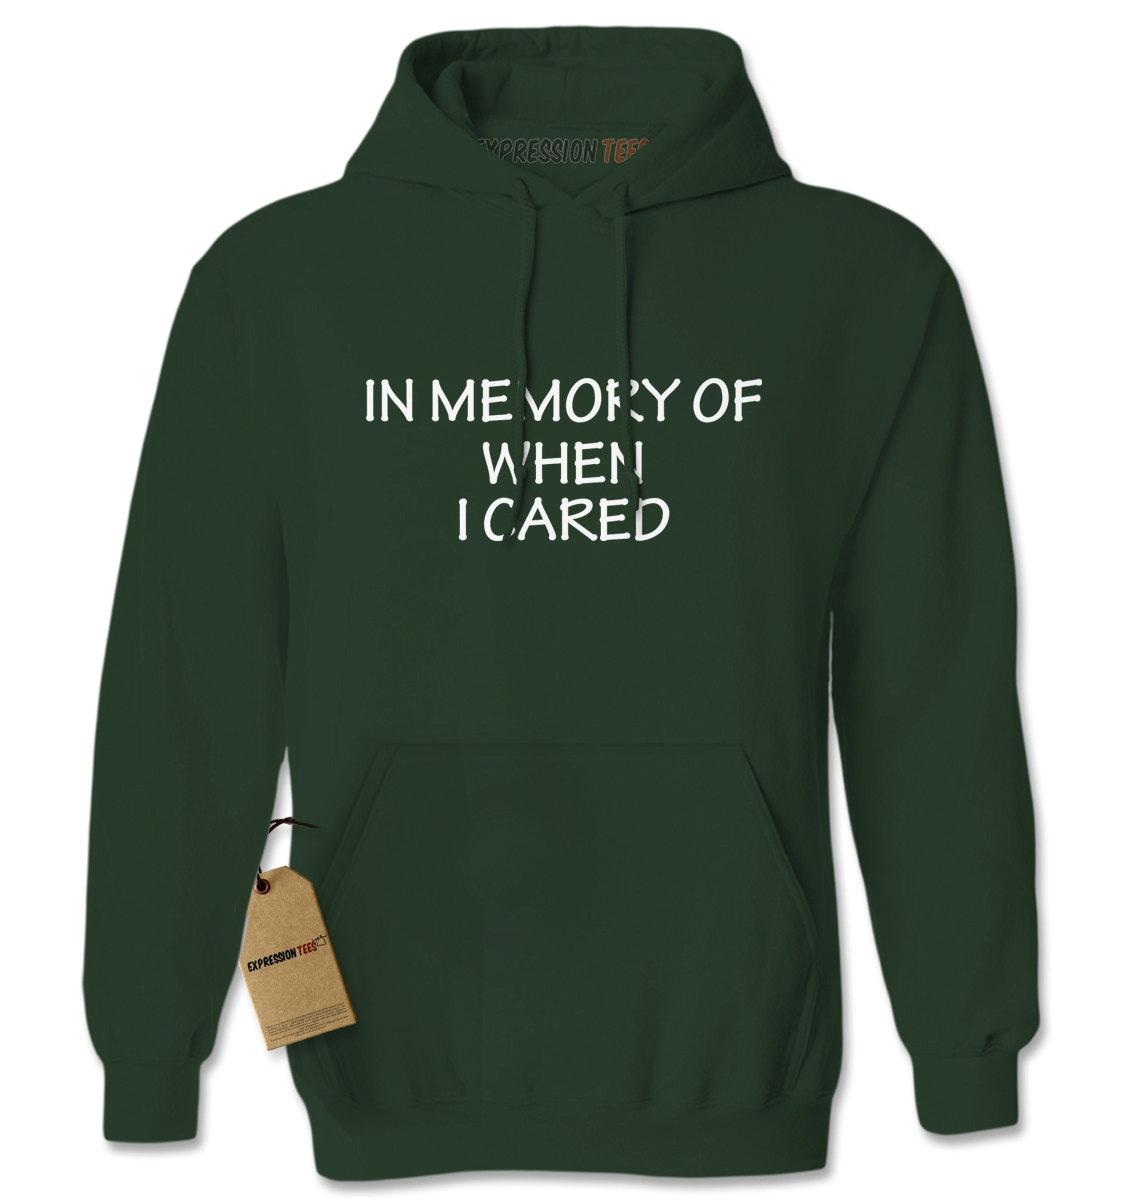 8bf9ef114 Hoodie In Memory of When I Cared Hooded Jacket Sweatshirt | Etsy